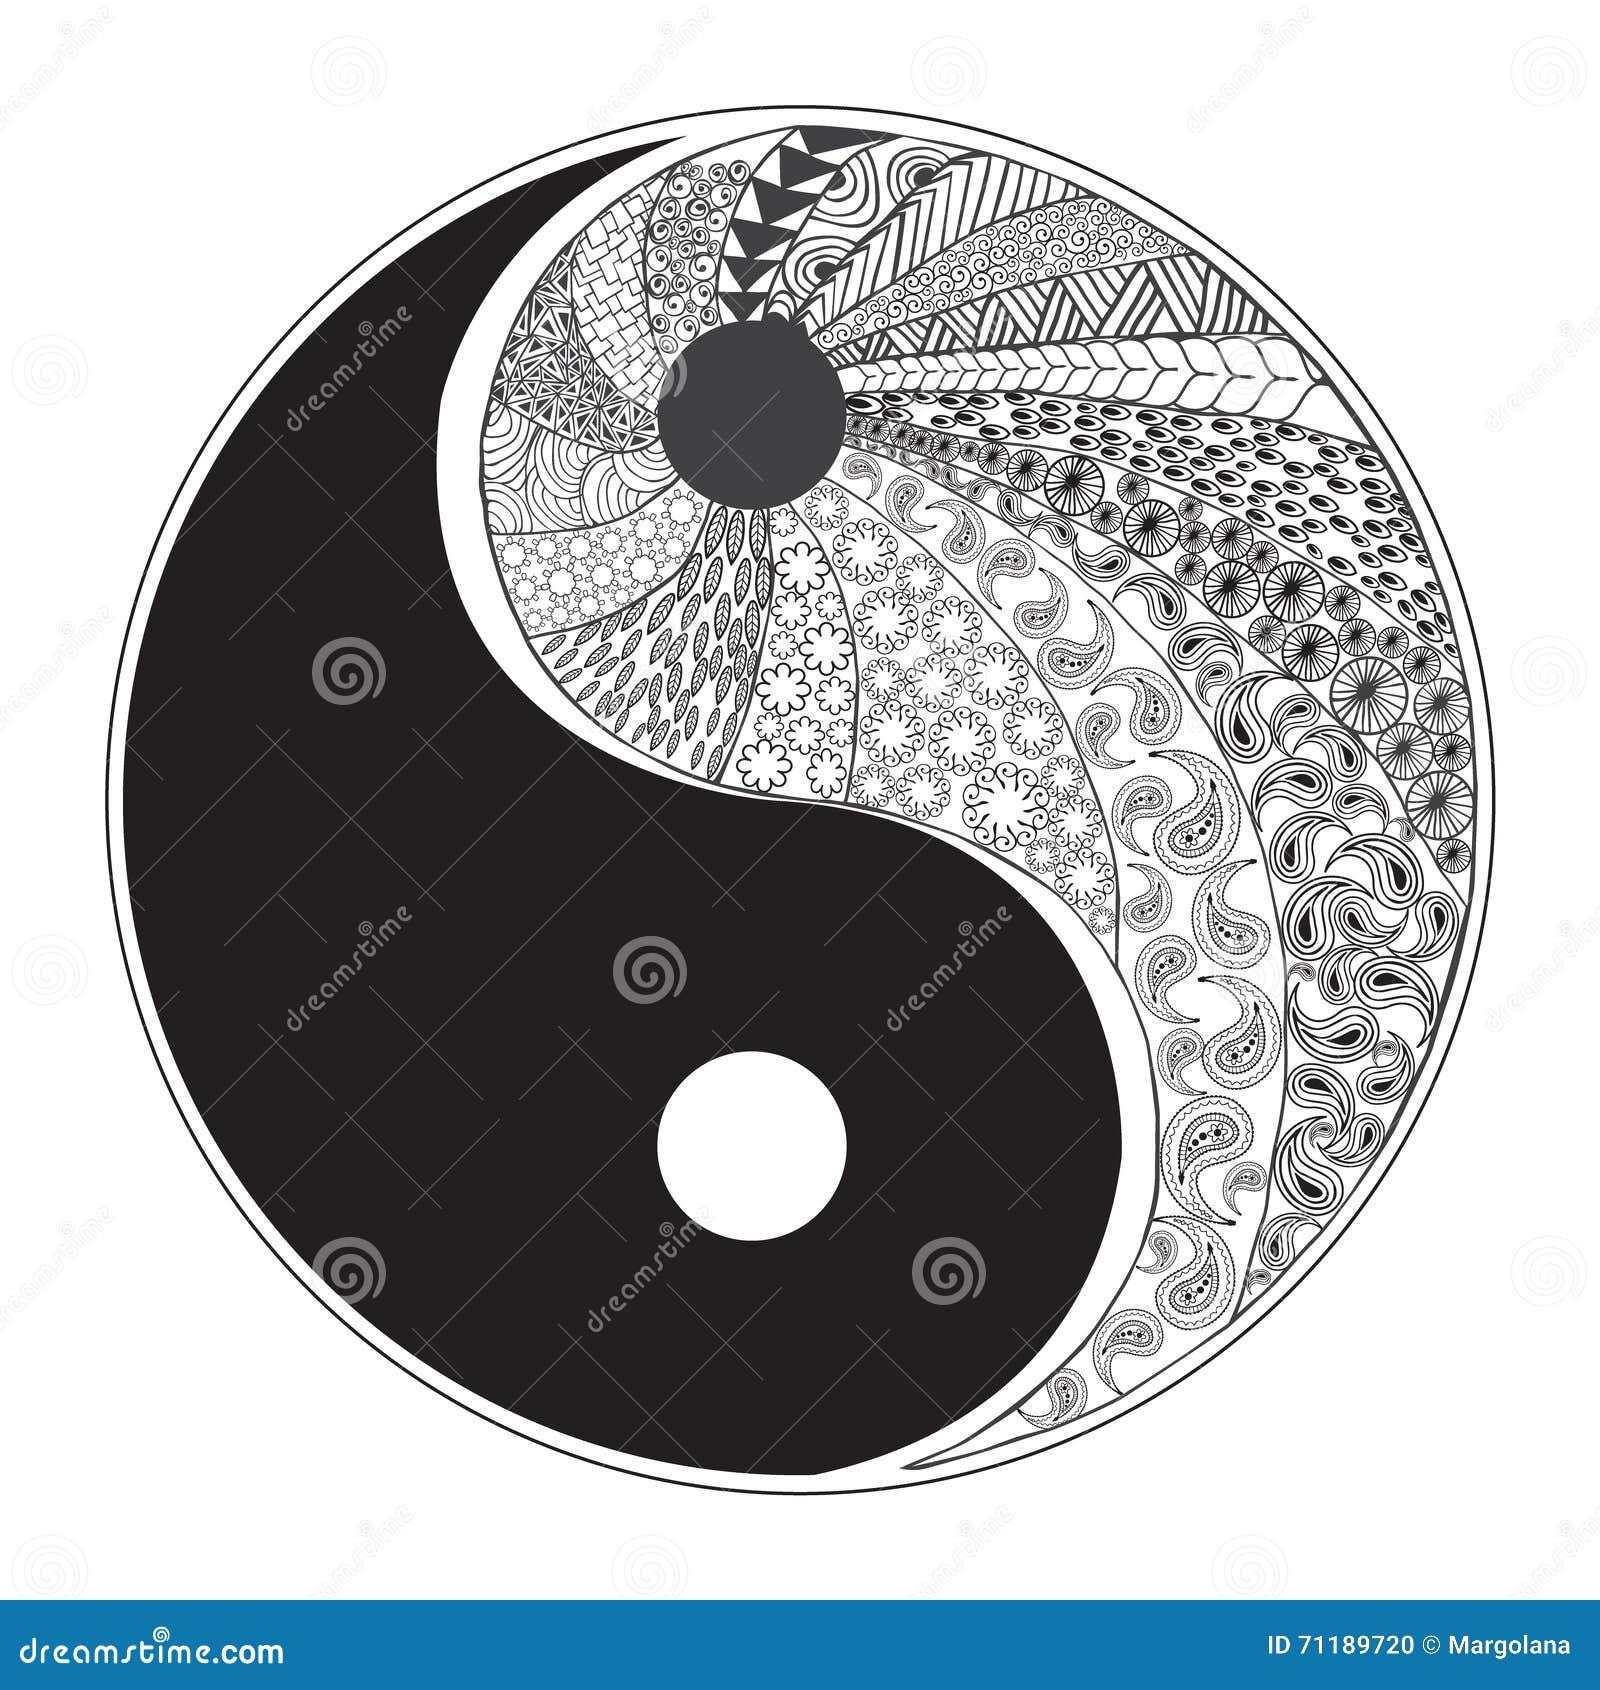 Sun Moon Yin Yang Tattoo Designs